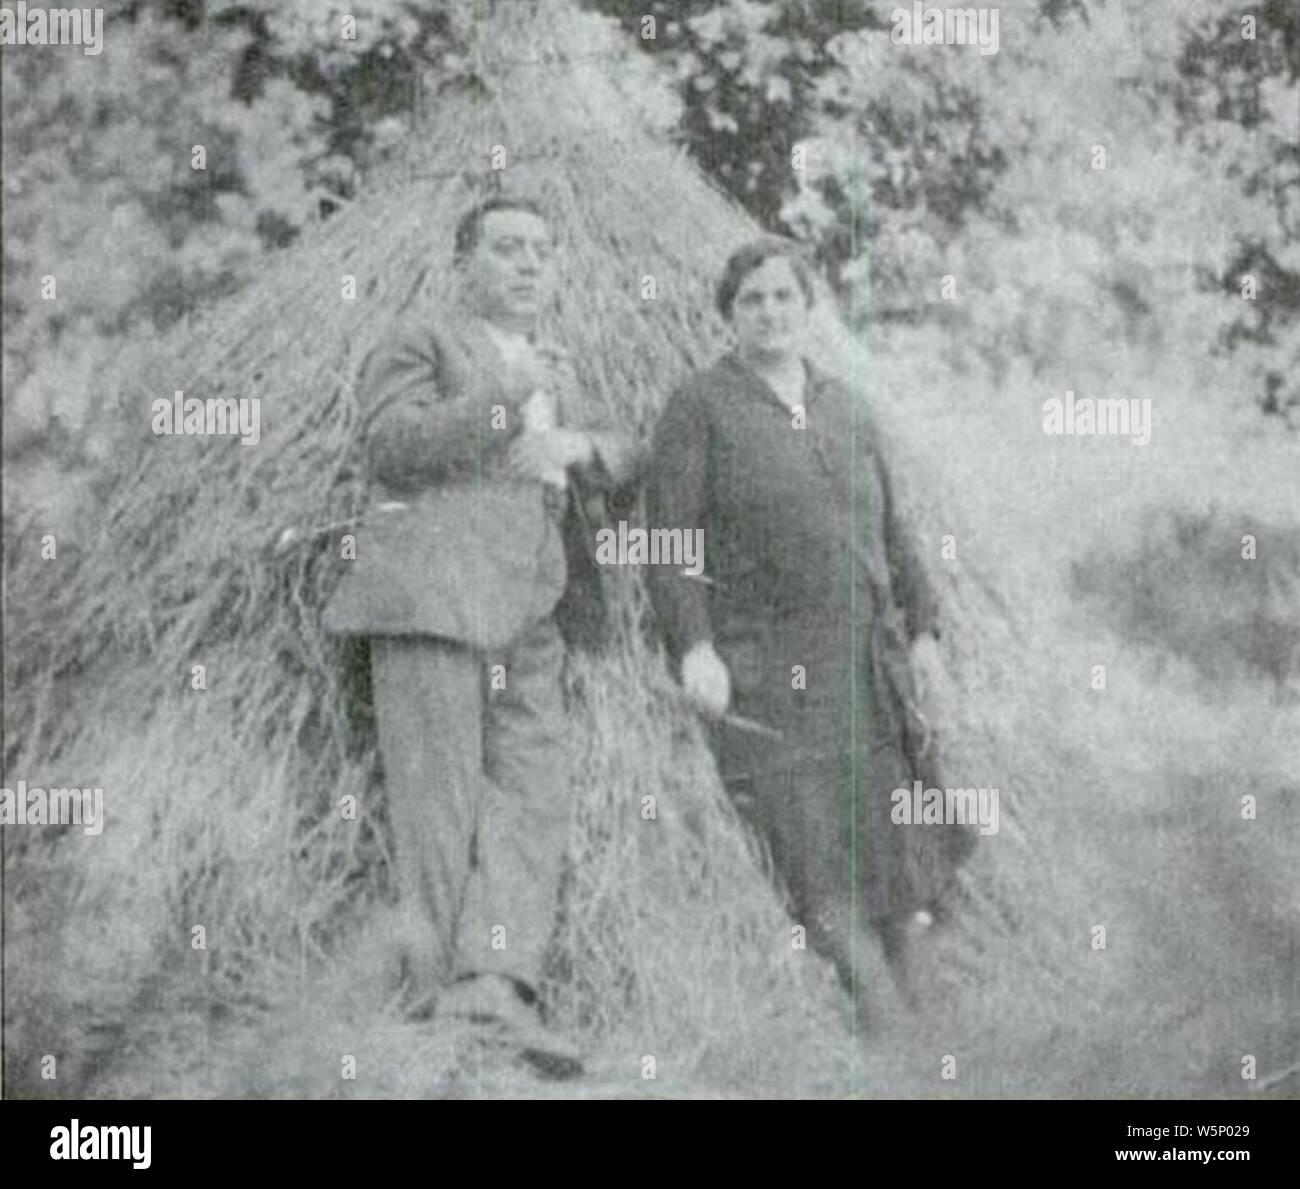 Darío Álvarez Limeses e María Blázquez Ballester Baión 1928. Stock Photo